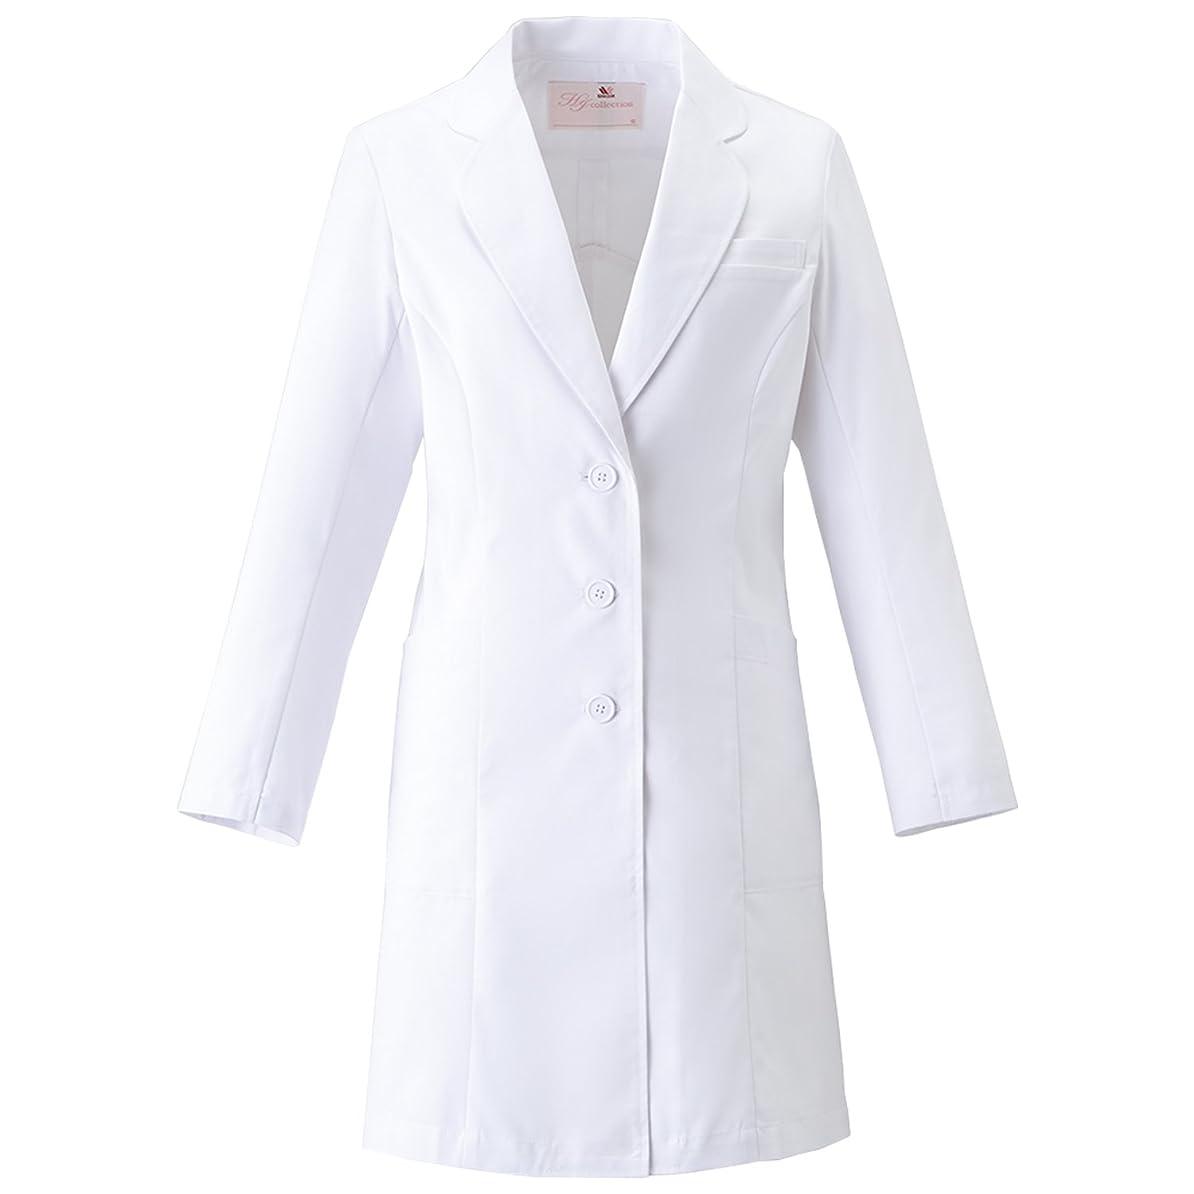 賛辞不名誉蒸発する(FOLK) フォーク ワコール レディスコート 女性用 診察衣 白衣 (HI401) 【S~3Lサイズ展開】